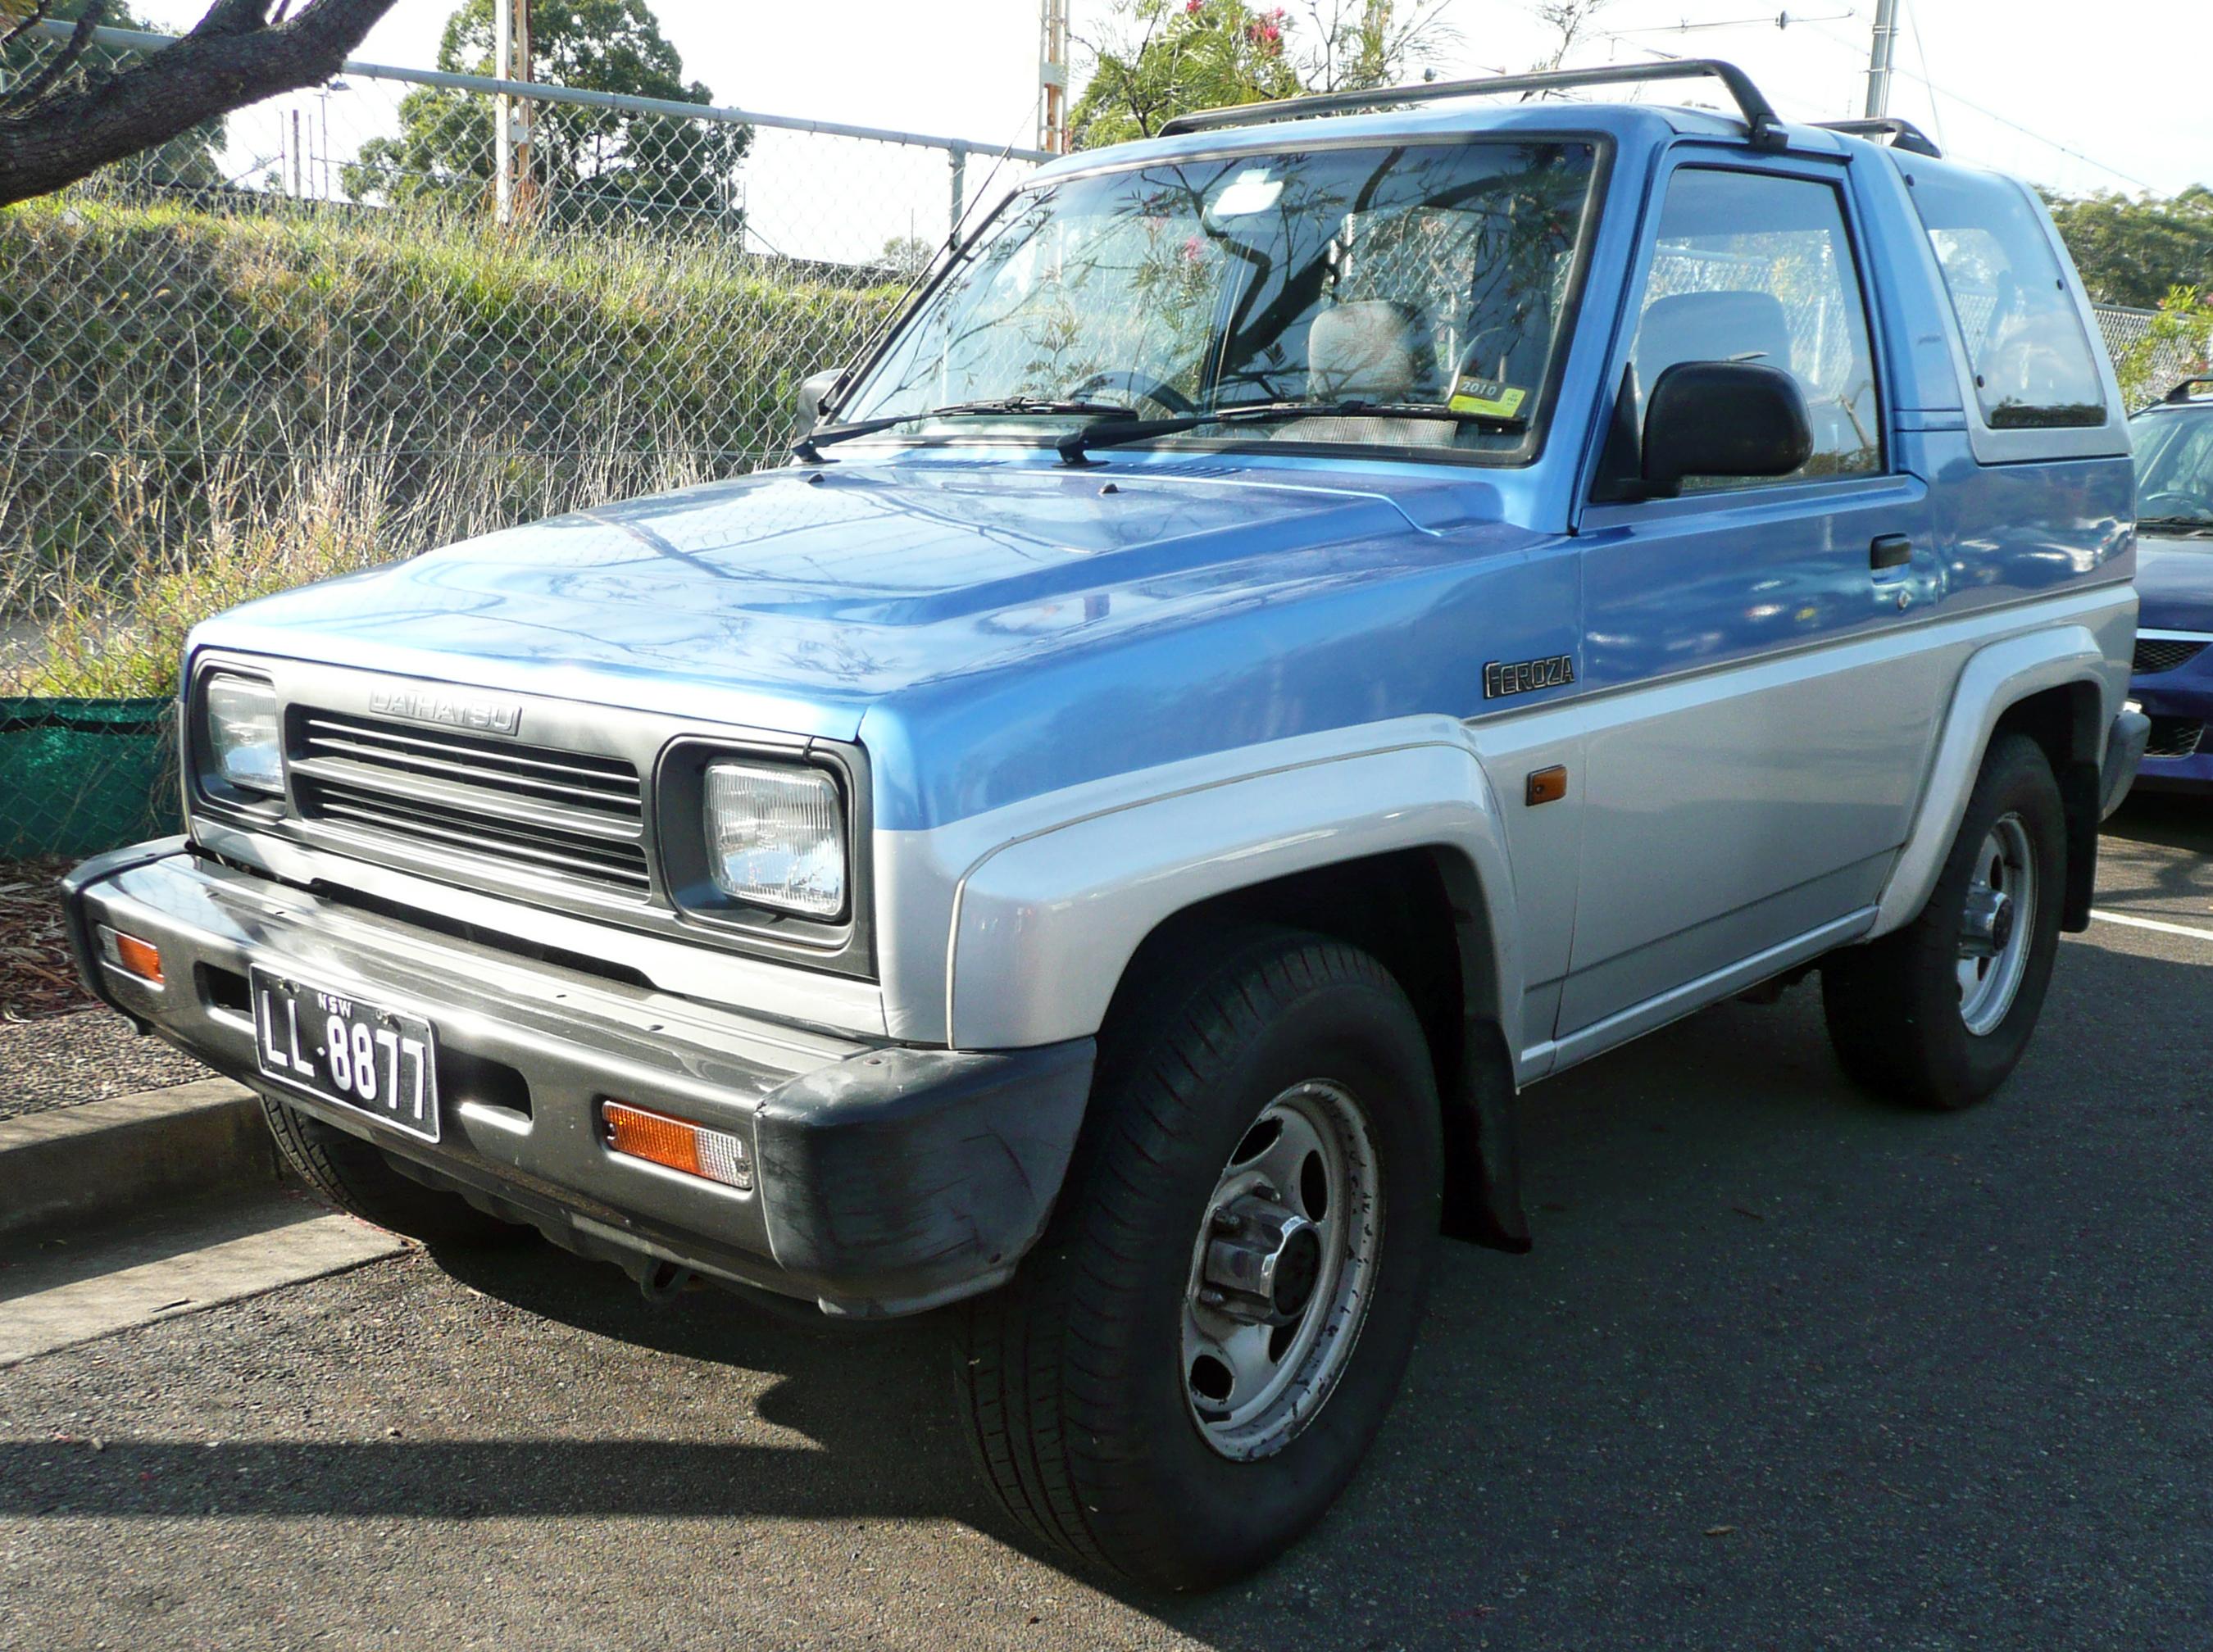 Daihatsu Rocky 1989 - 1998 SUV #1